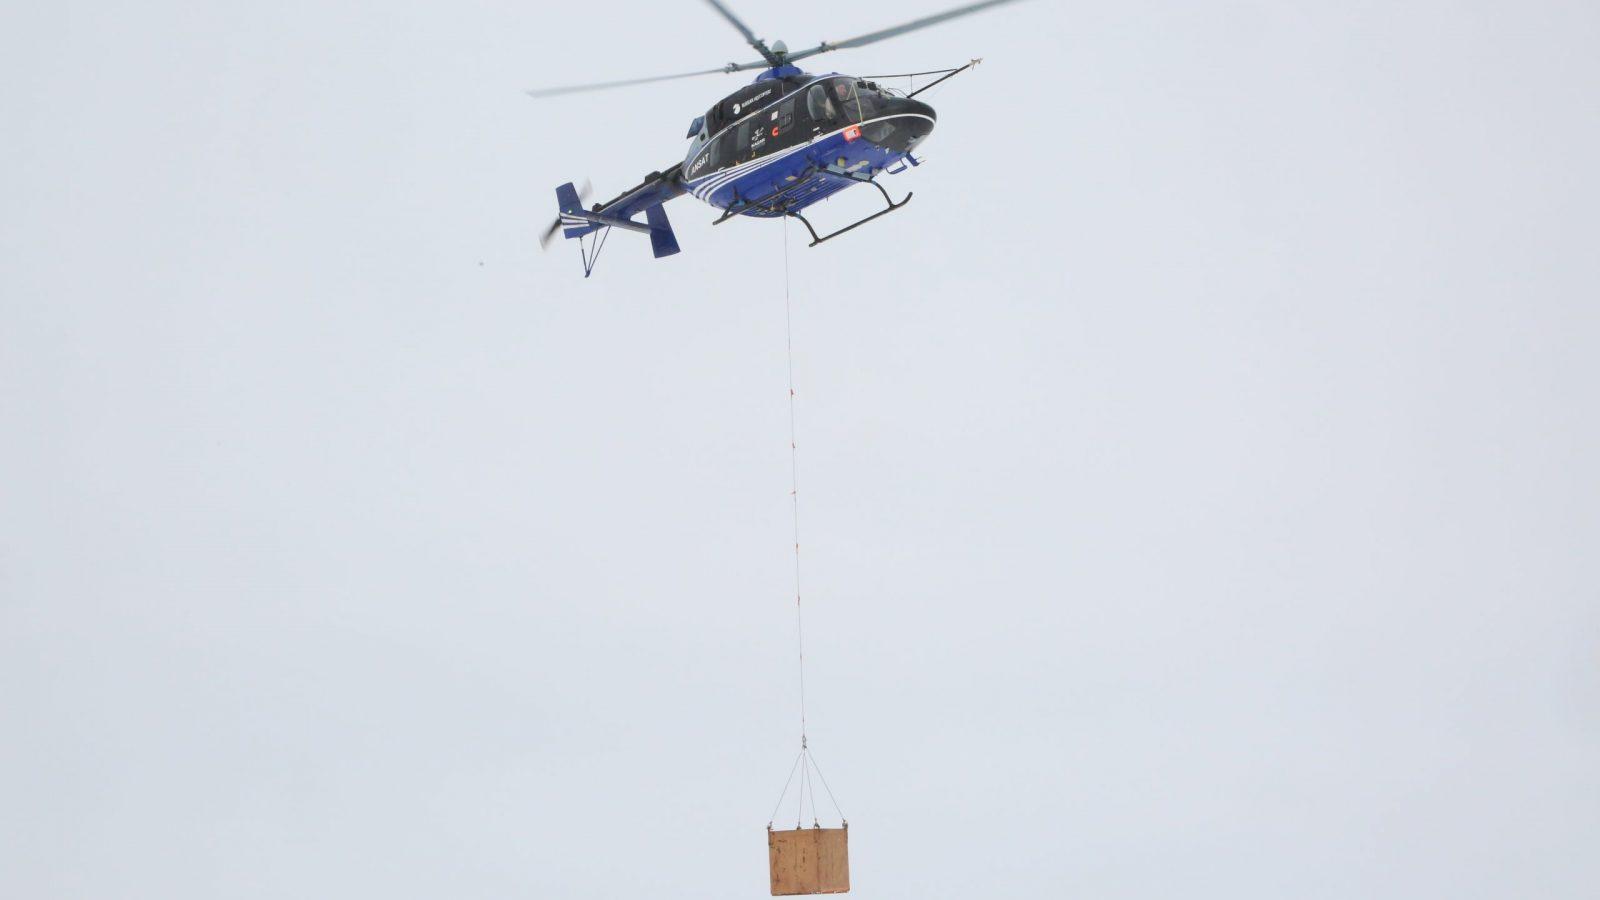 Nove mogućnosti helikoptera Ansat: U toku ispitivanja sa spoljašnjim teretom